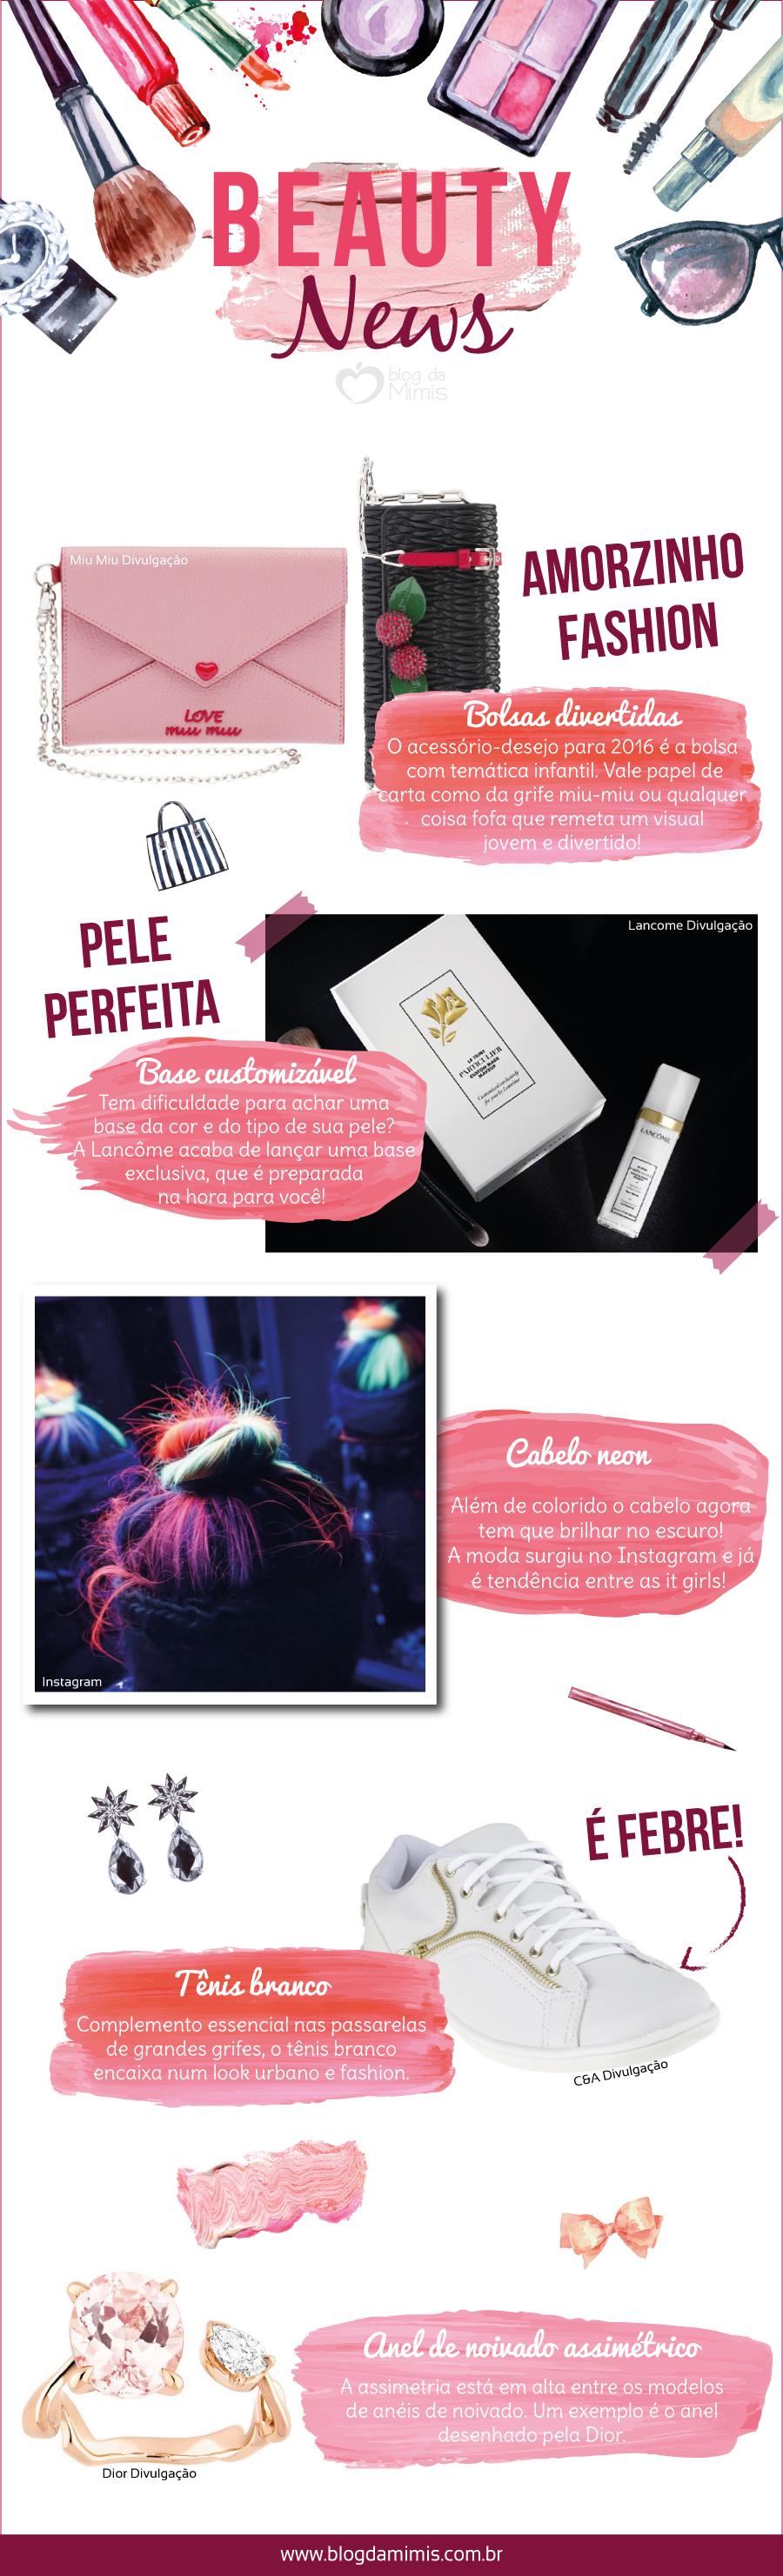 beauty-news-fev-2016-blog-da-mimis-michelle-franzoni-post